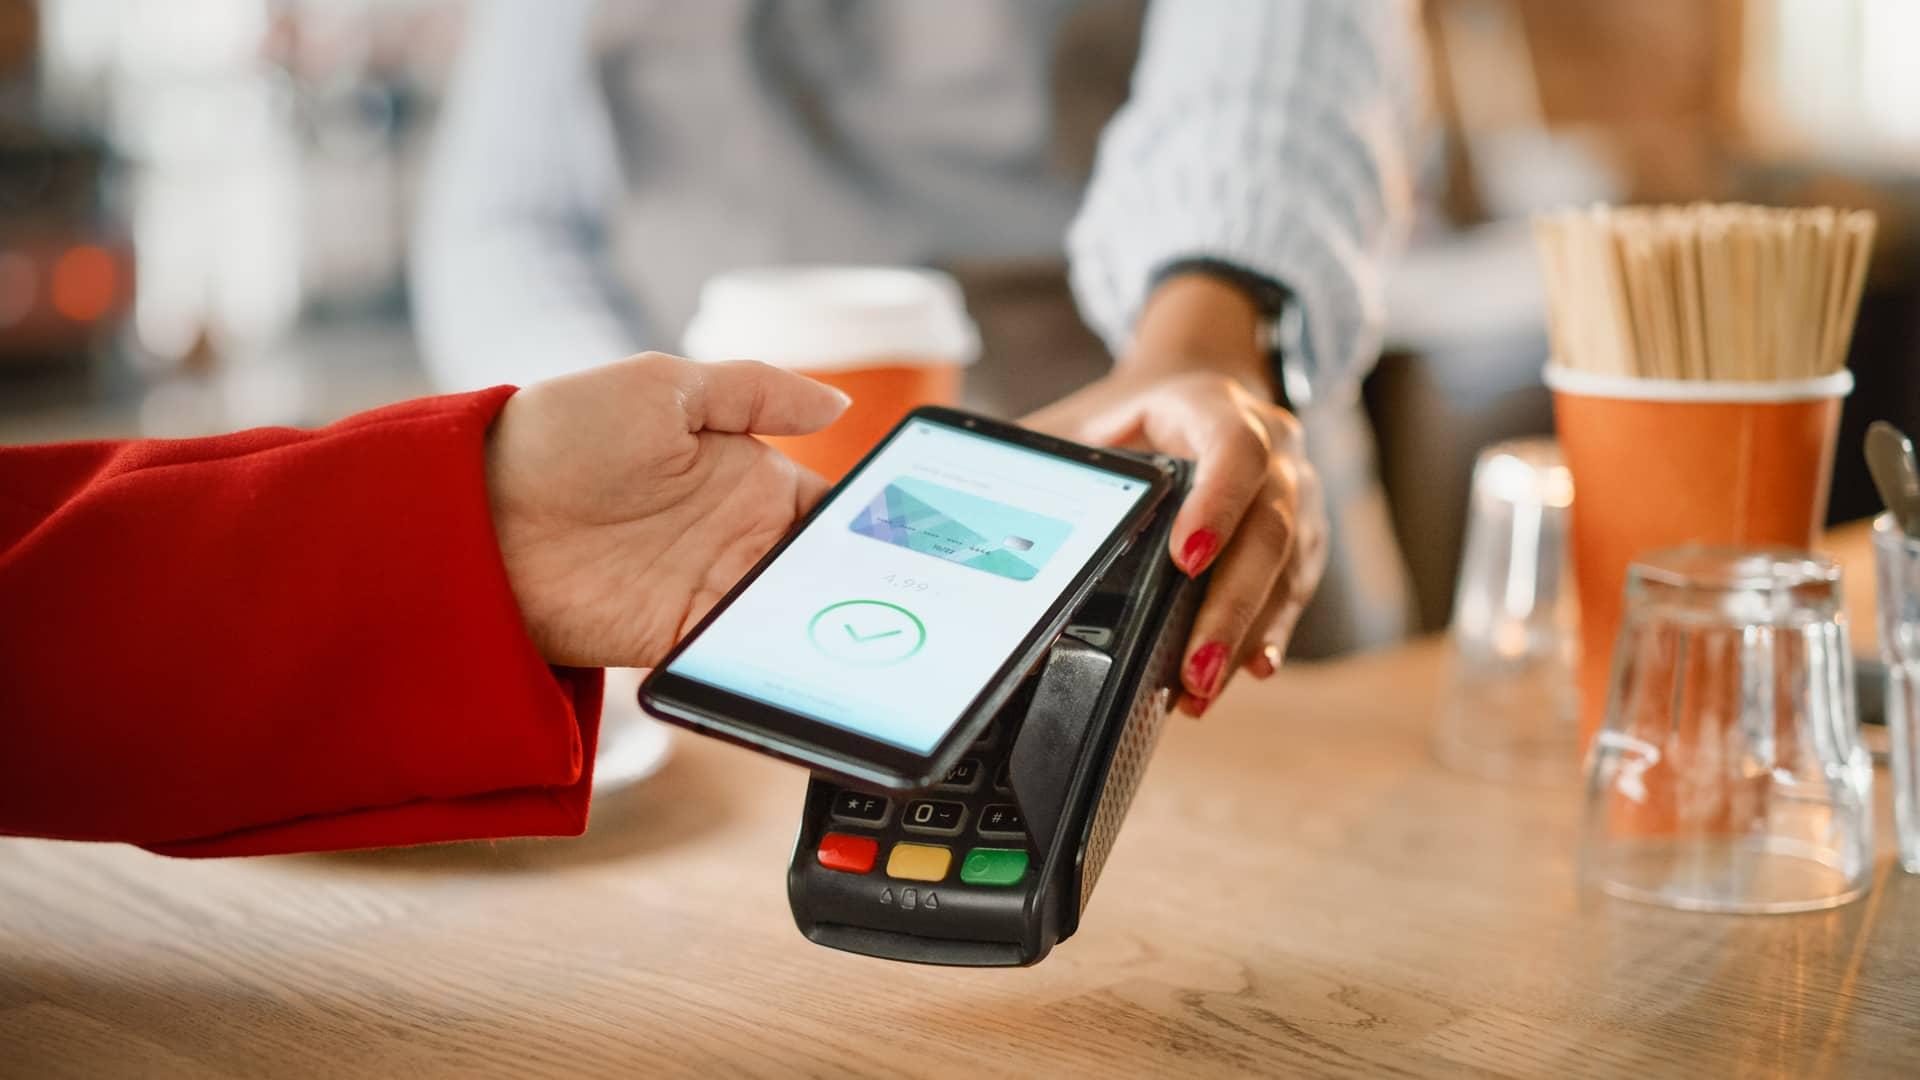 Mujer realizando pago con smartphone y recibiendo descuento de fidelización